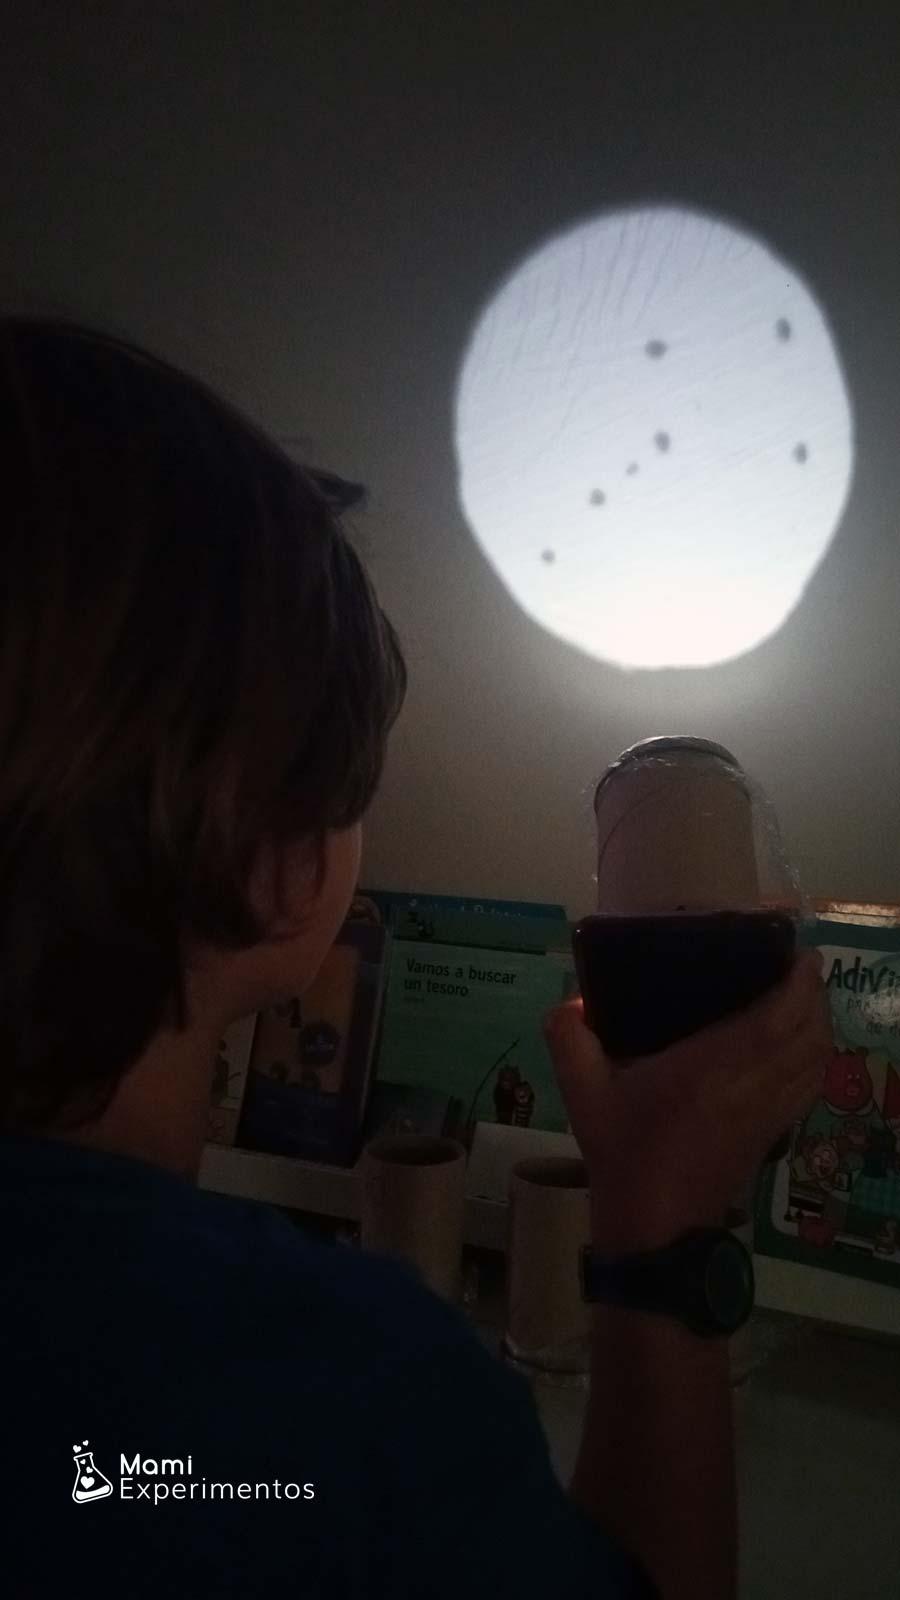 Constelaciones proyectadas en la pared con linterna y rollos de papel